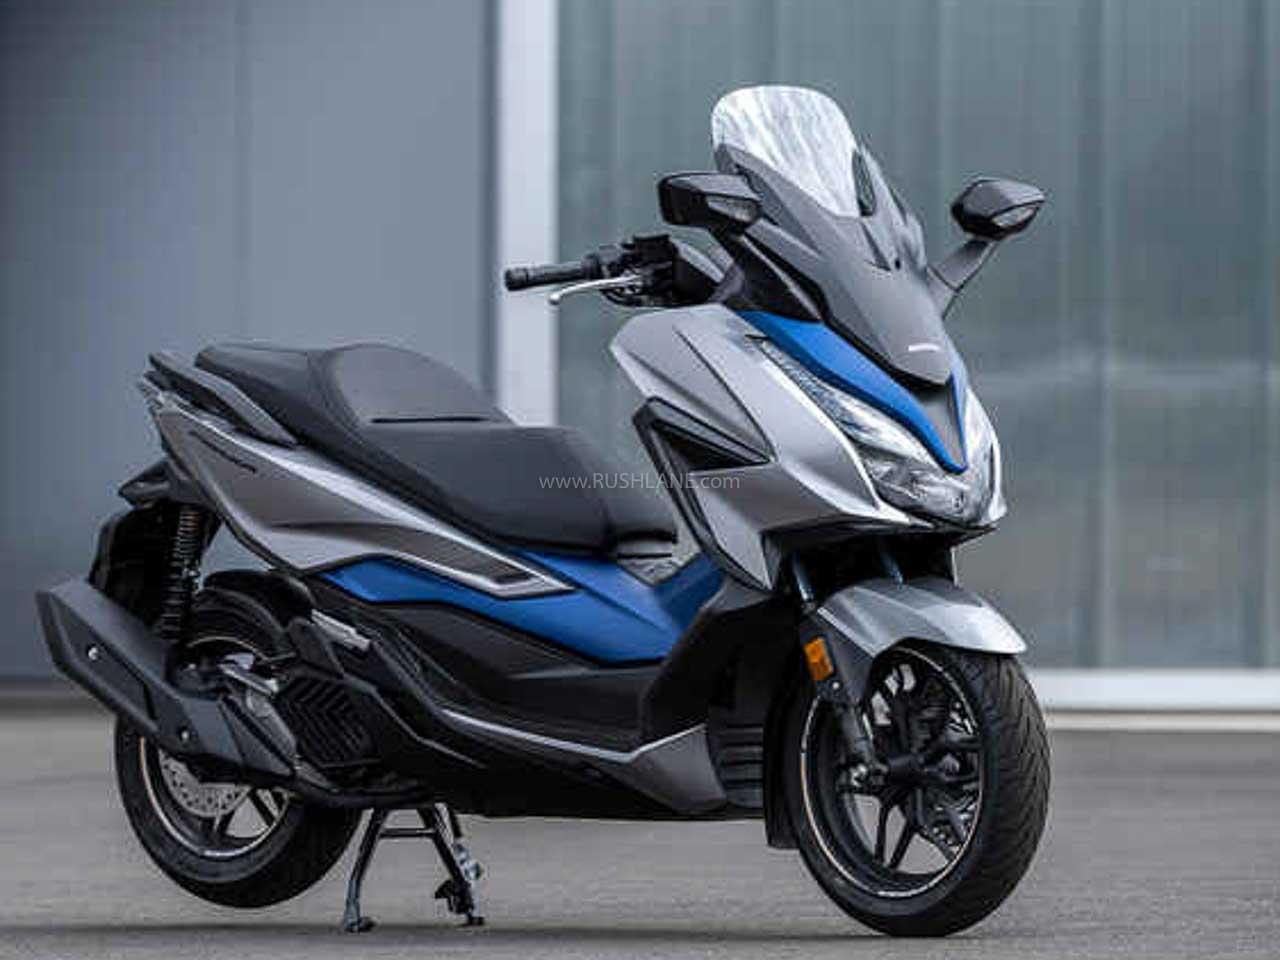 Nuevo Scooter Honda Forza 125 cc gran relacion calidad